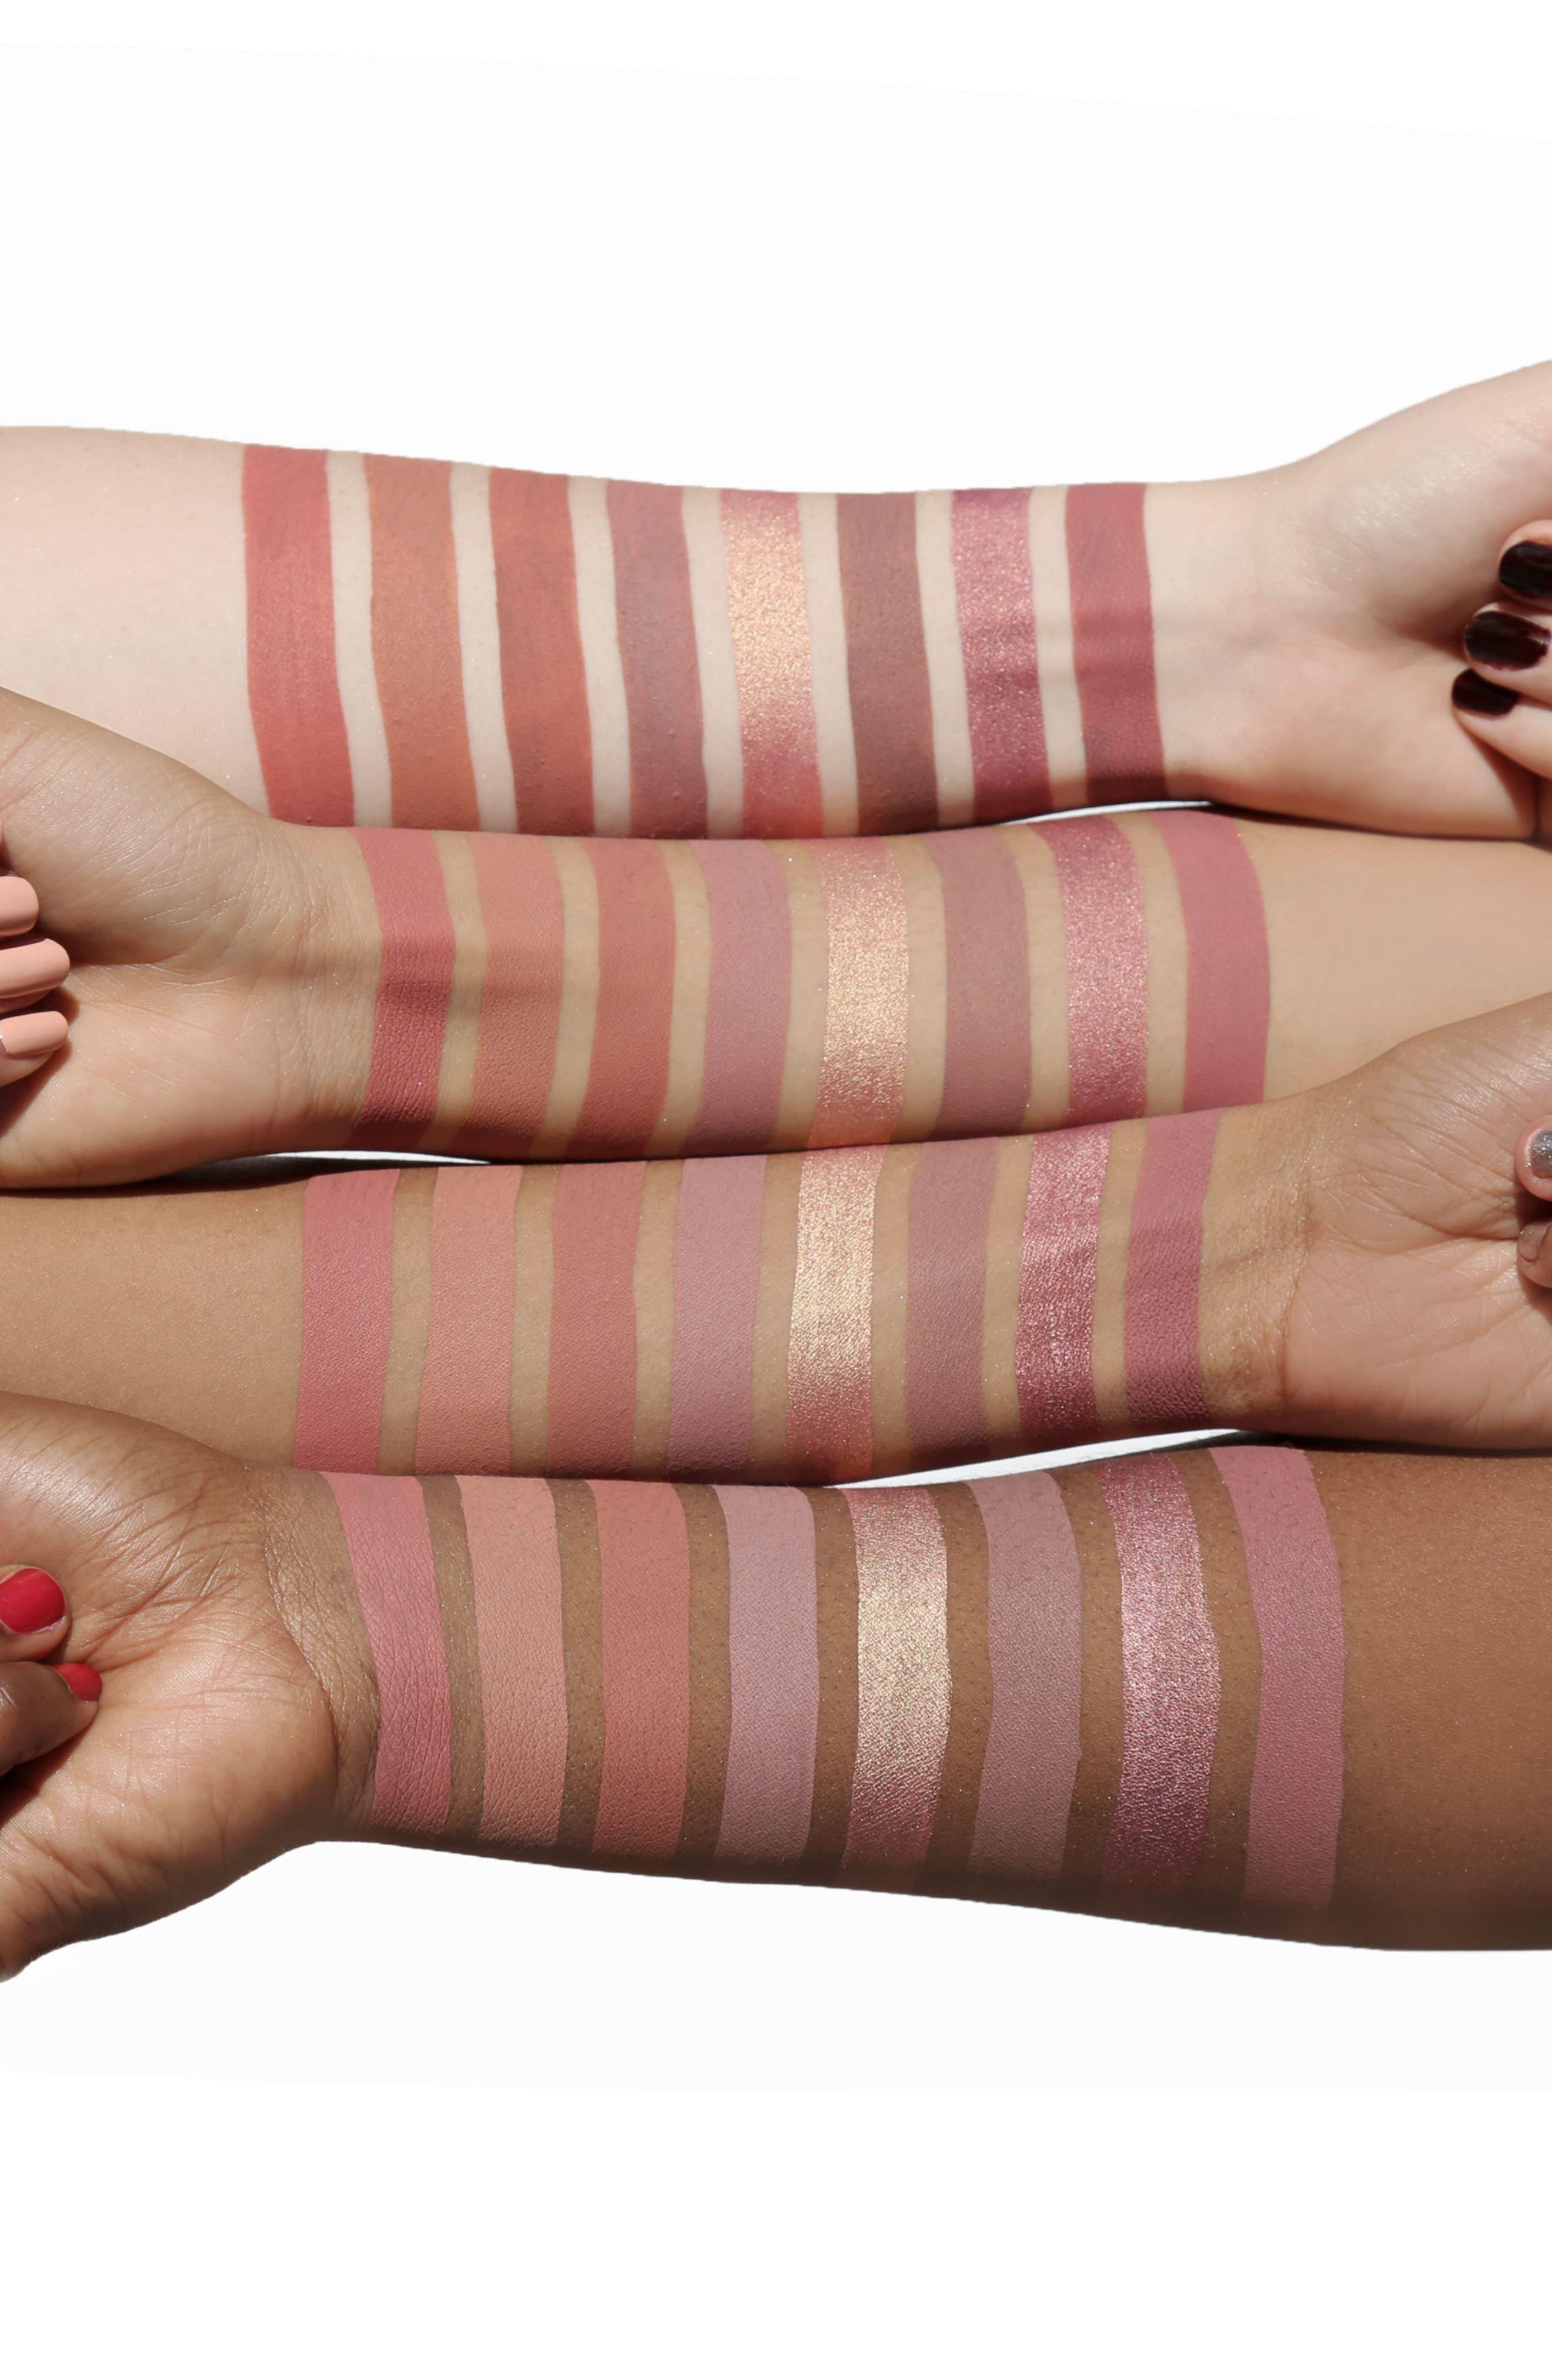 Best of Nudes Mini Long-Wear Lip Crème Liquid Lipstick Collection,                             Alternate thumbnail 6, color,                             000